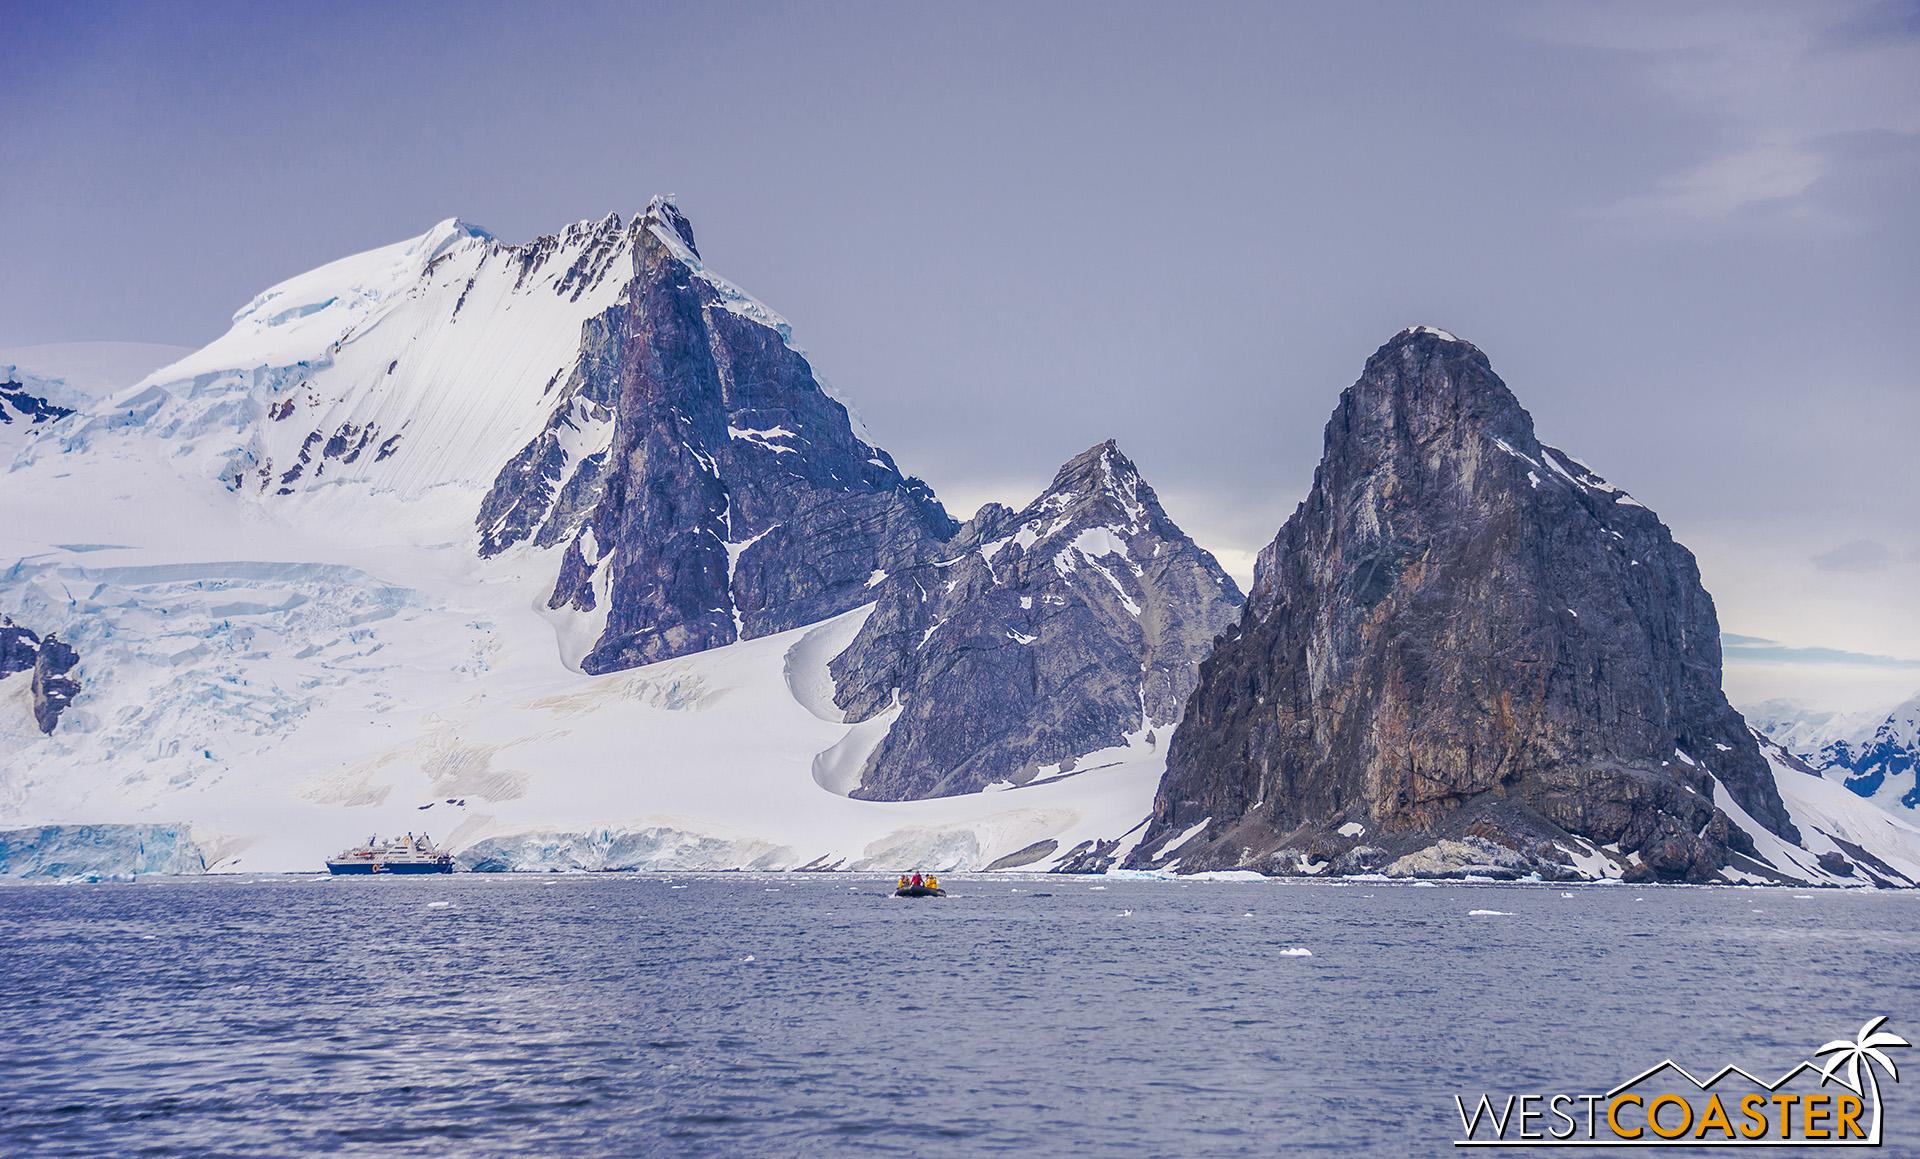 Antarctica-19_0109-0002.jpg